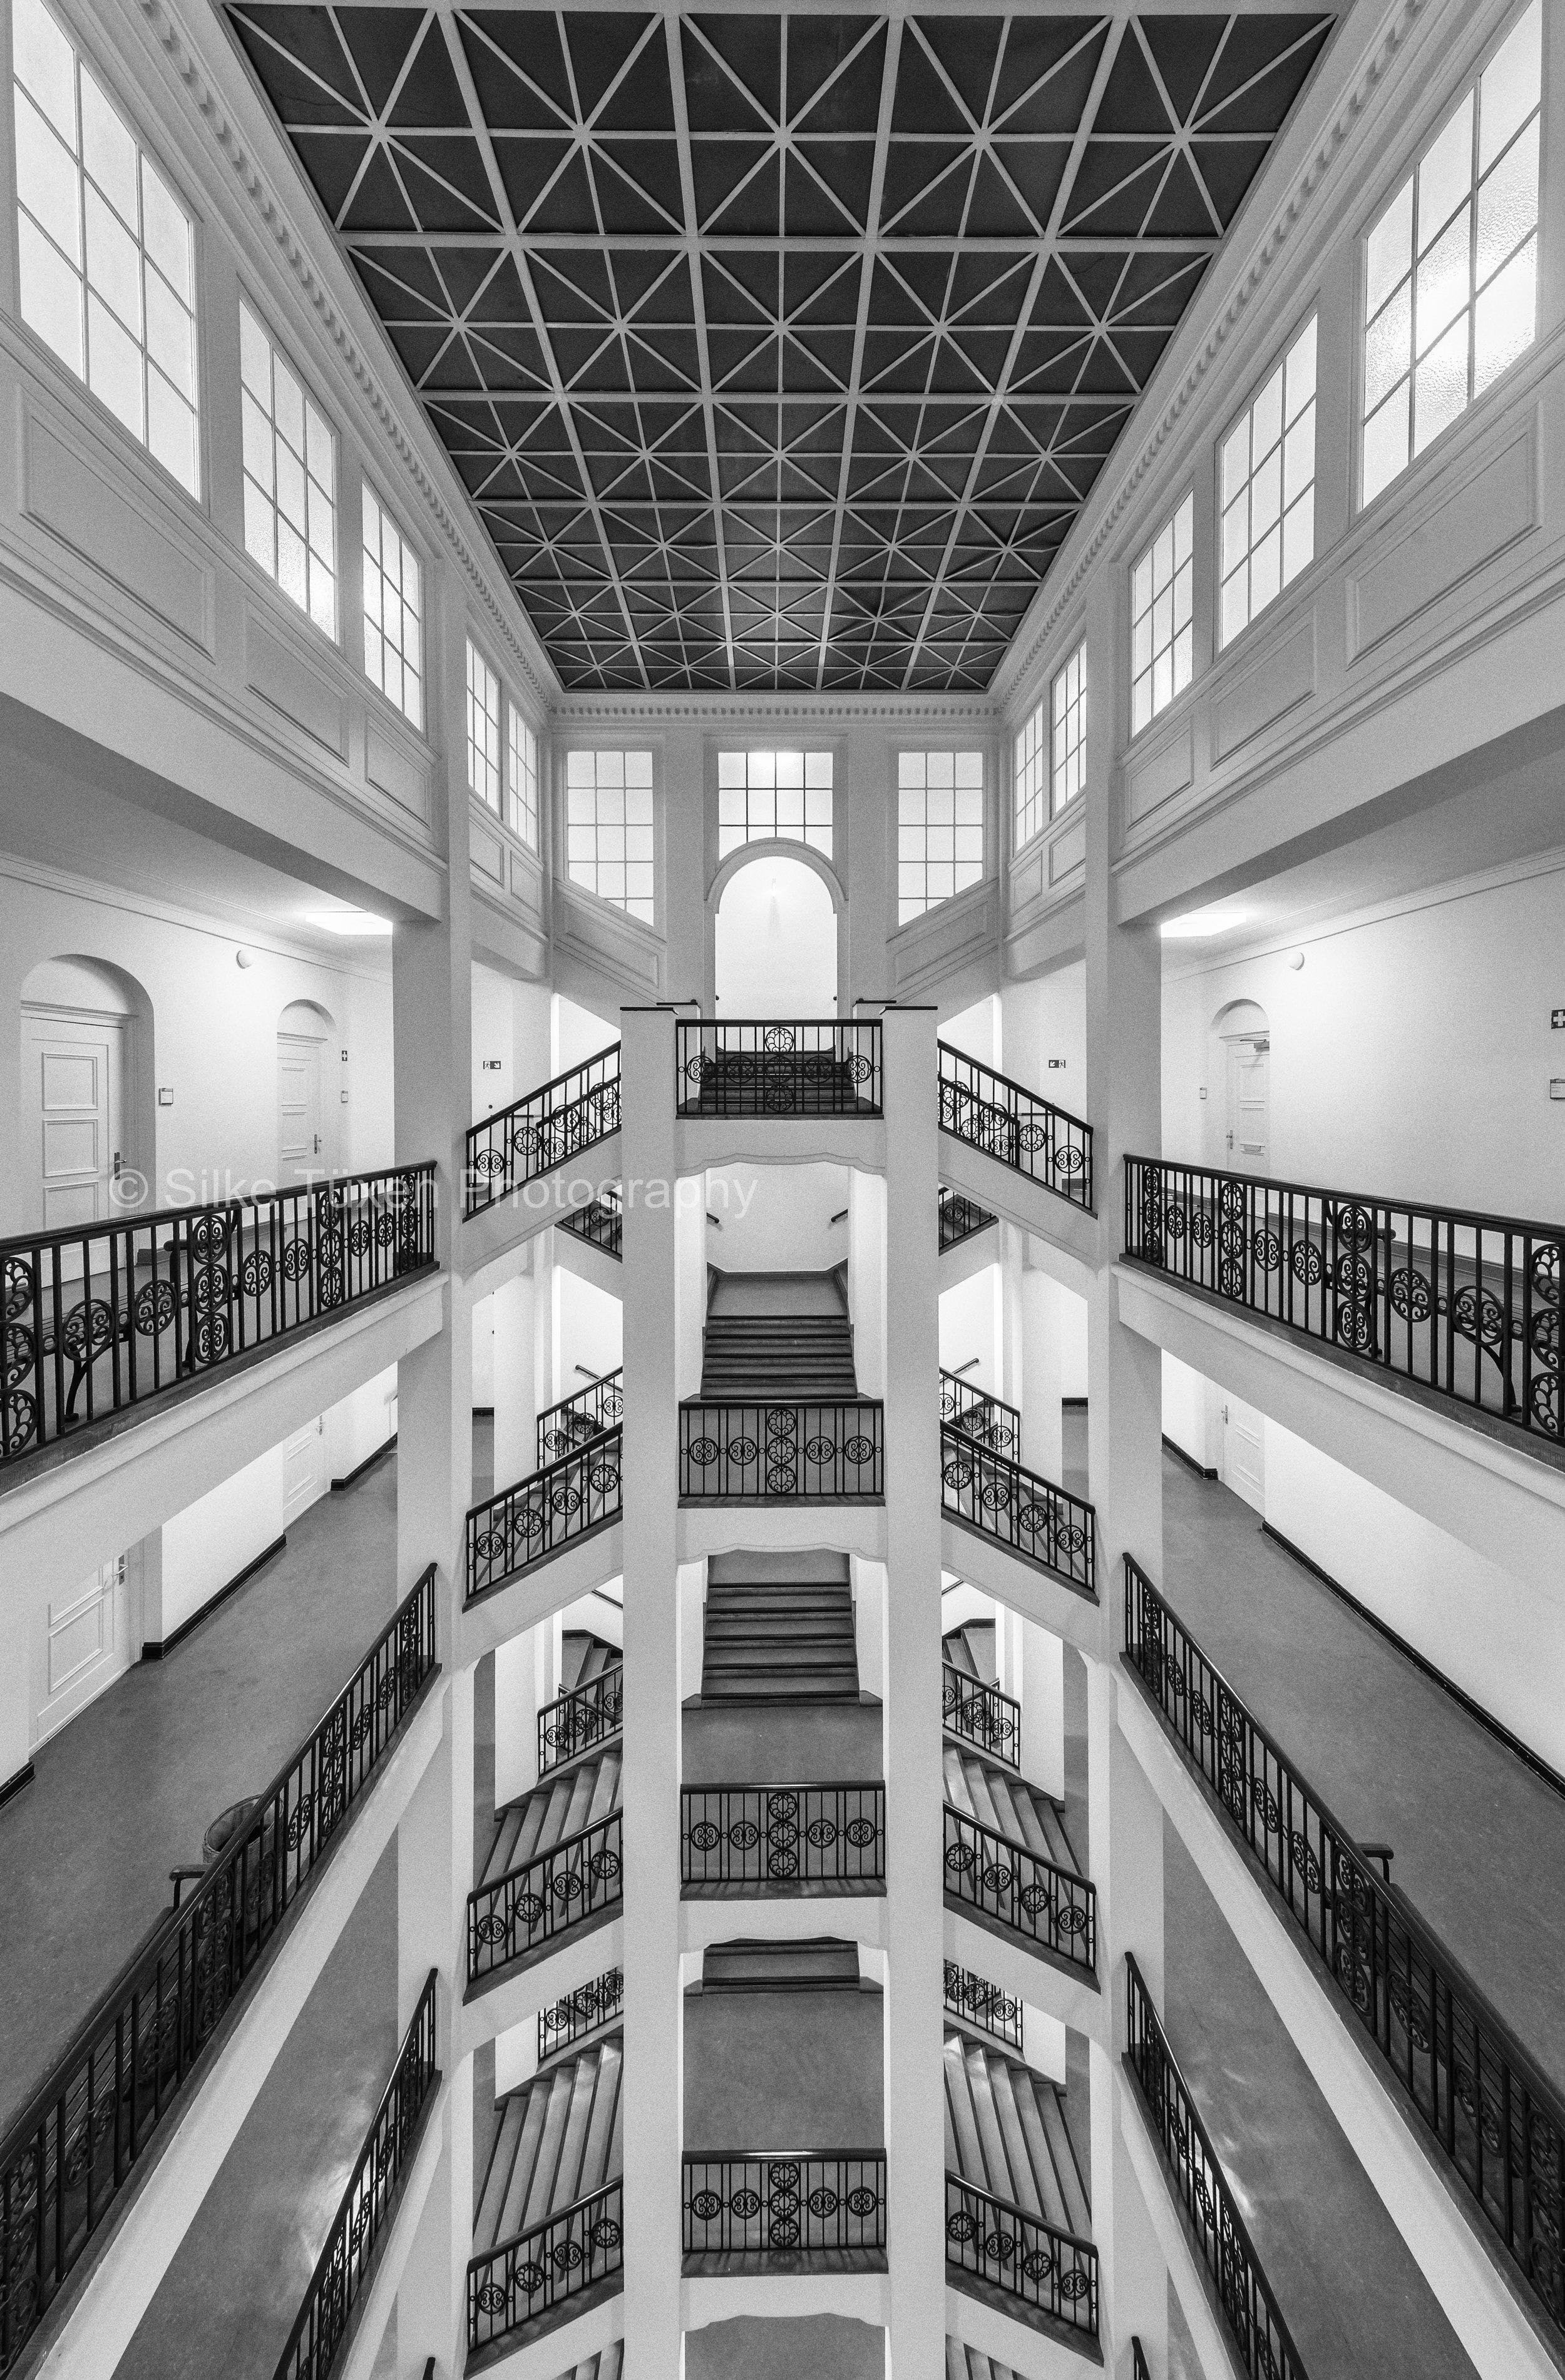 Chamber of Trade - Handwerkskammer, Hamburg